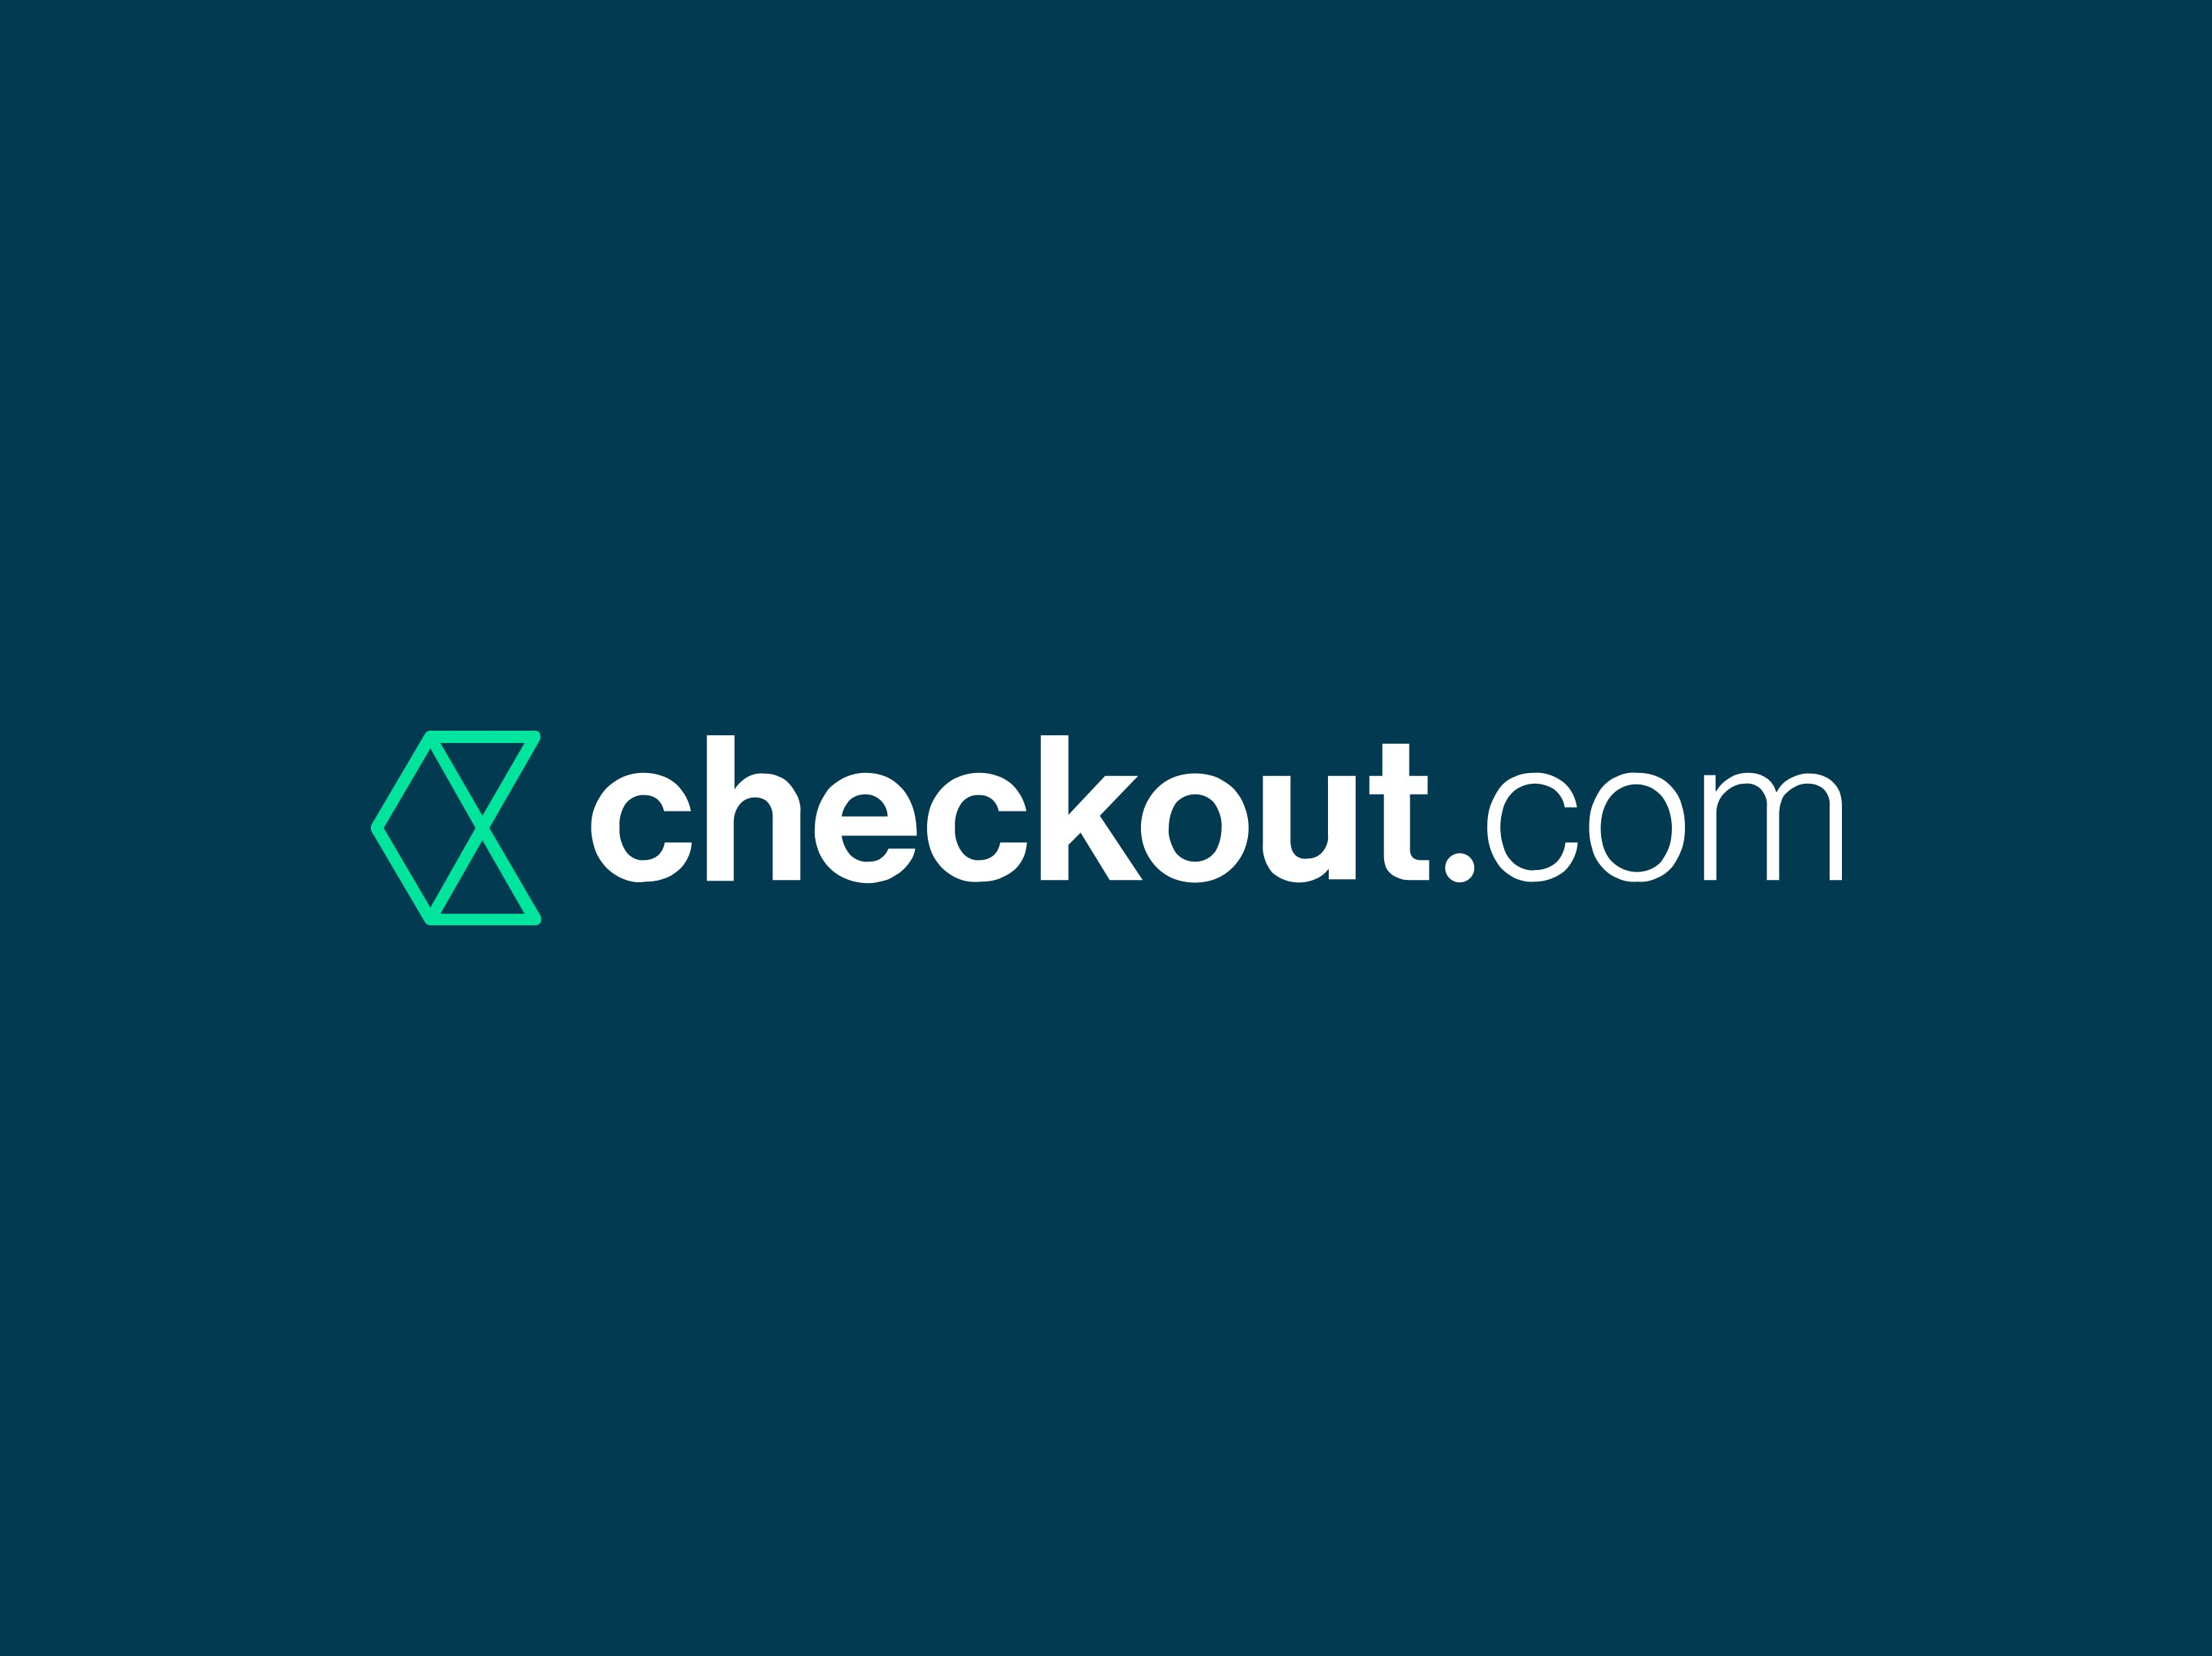 Procesador de pagos en línea Checkout.com se convierte en nuevo miembro de la Asociación Libra